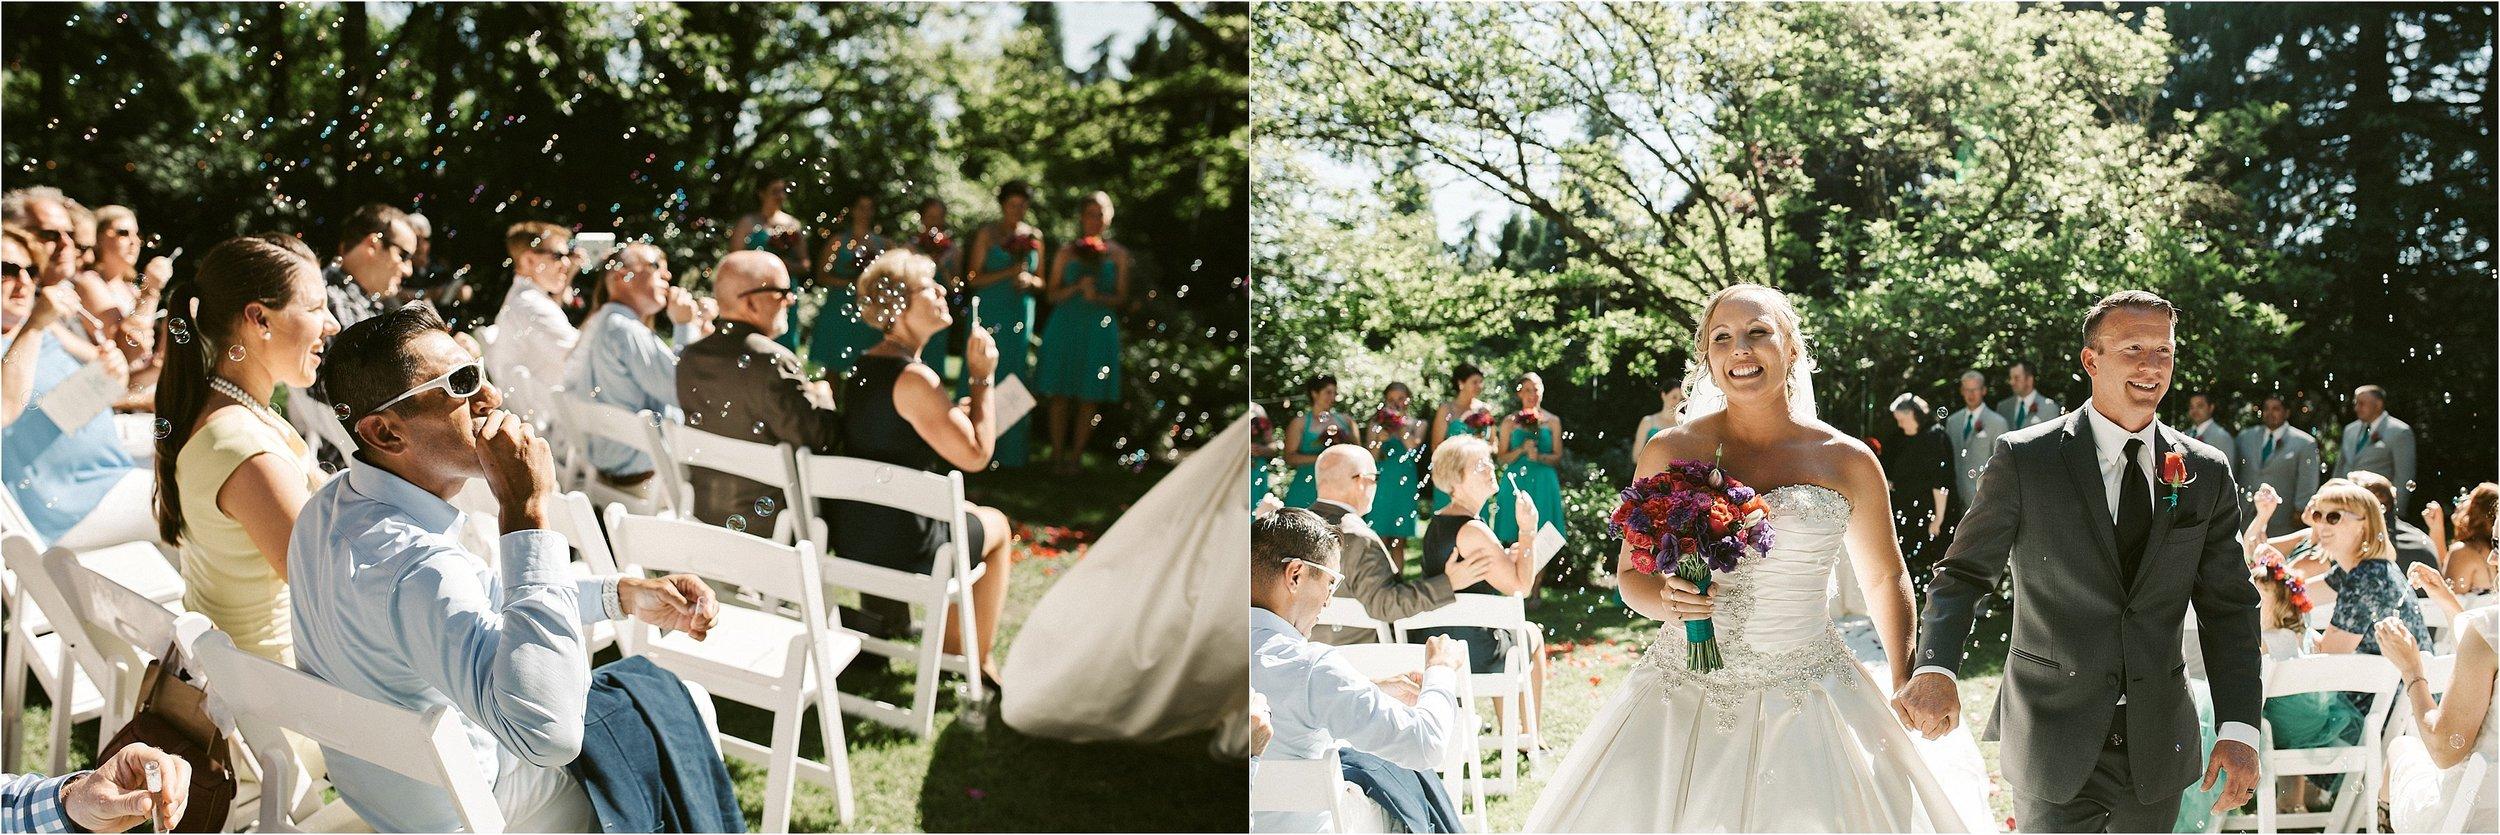 mcmenamins-wedding-portland-oregon_0101.jpg